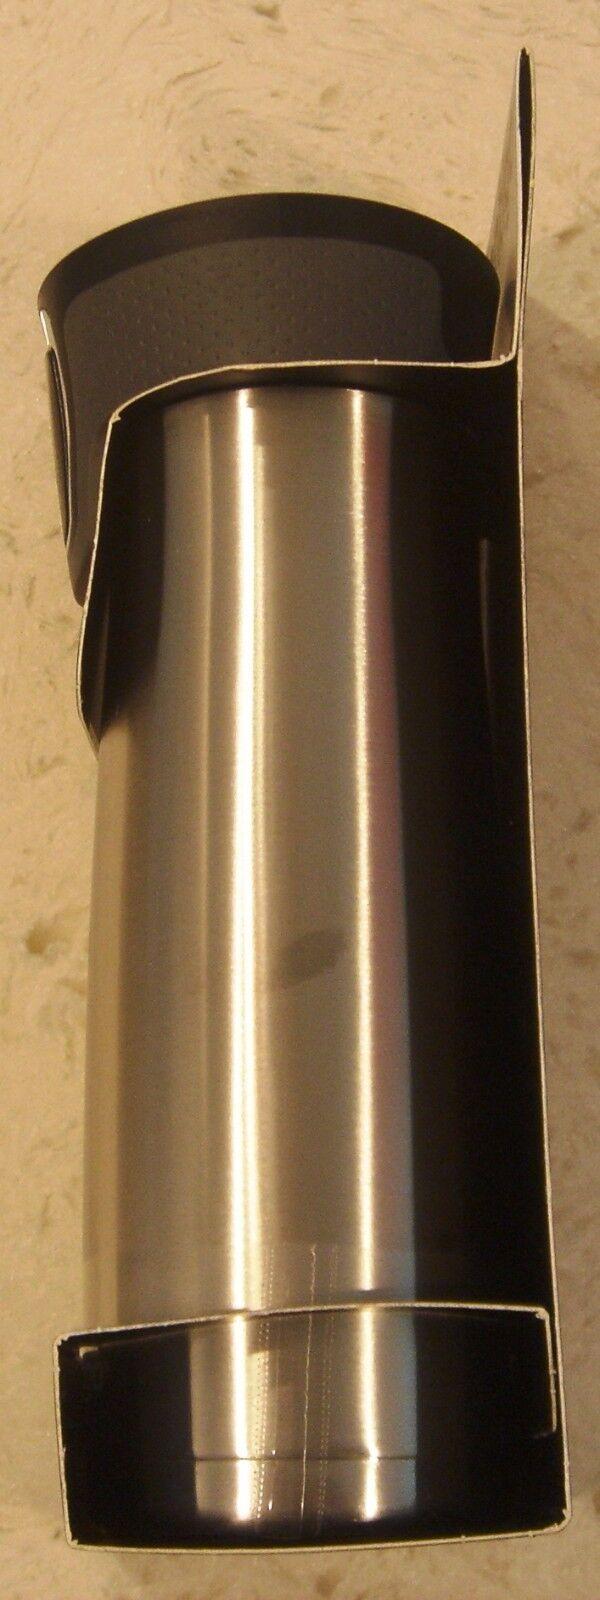 in acciaio inox Tazza da viaggio con coperchio ad accesso aperto Contigo Autoseal West Loop 453,6 g